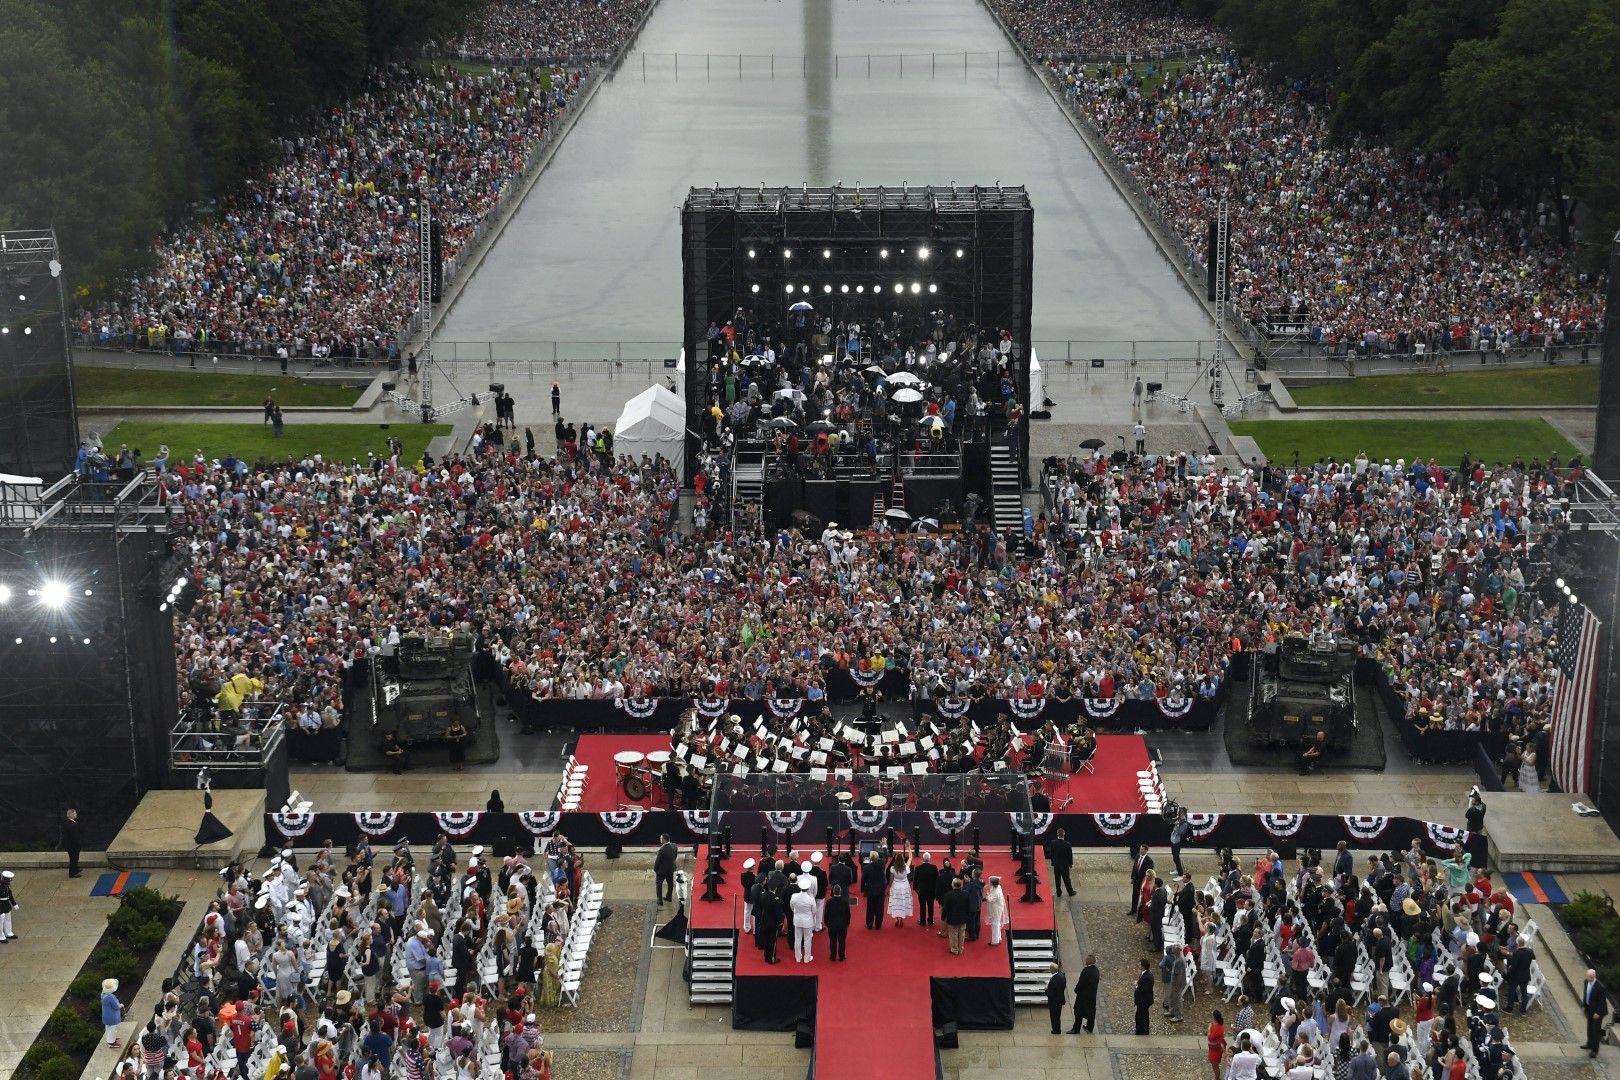 Доналд Тръмп и Мелания Тръмп махат на тълпата по време на празника